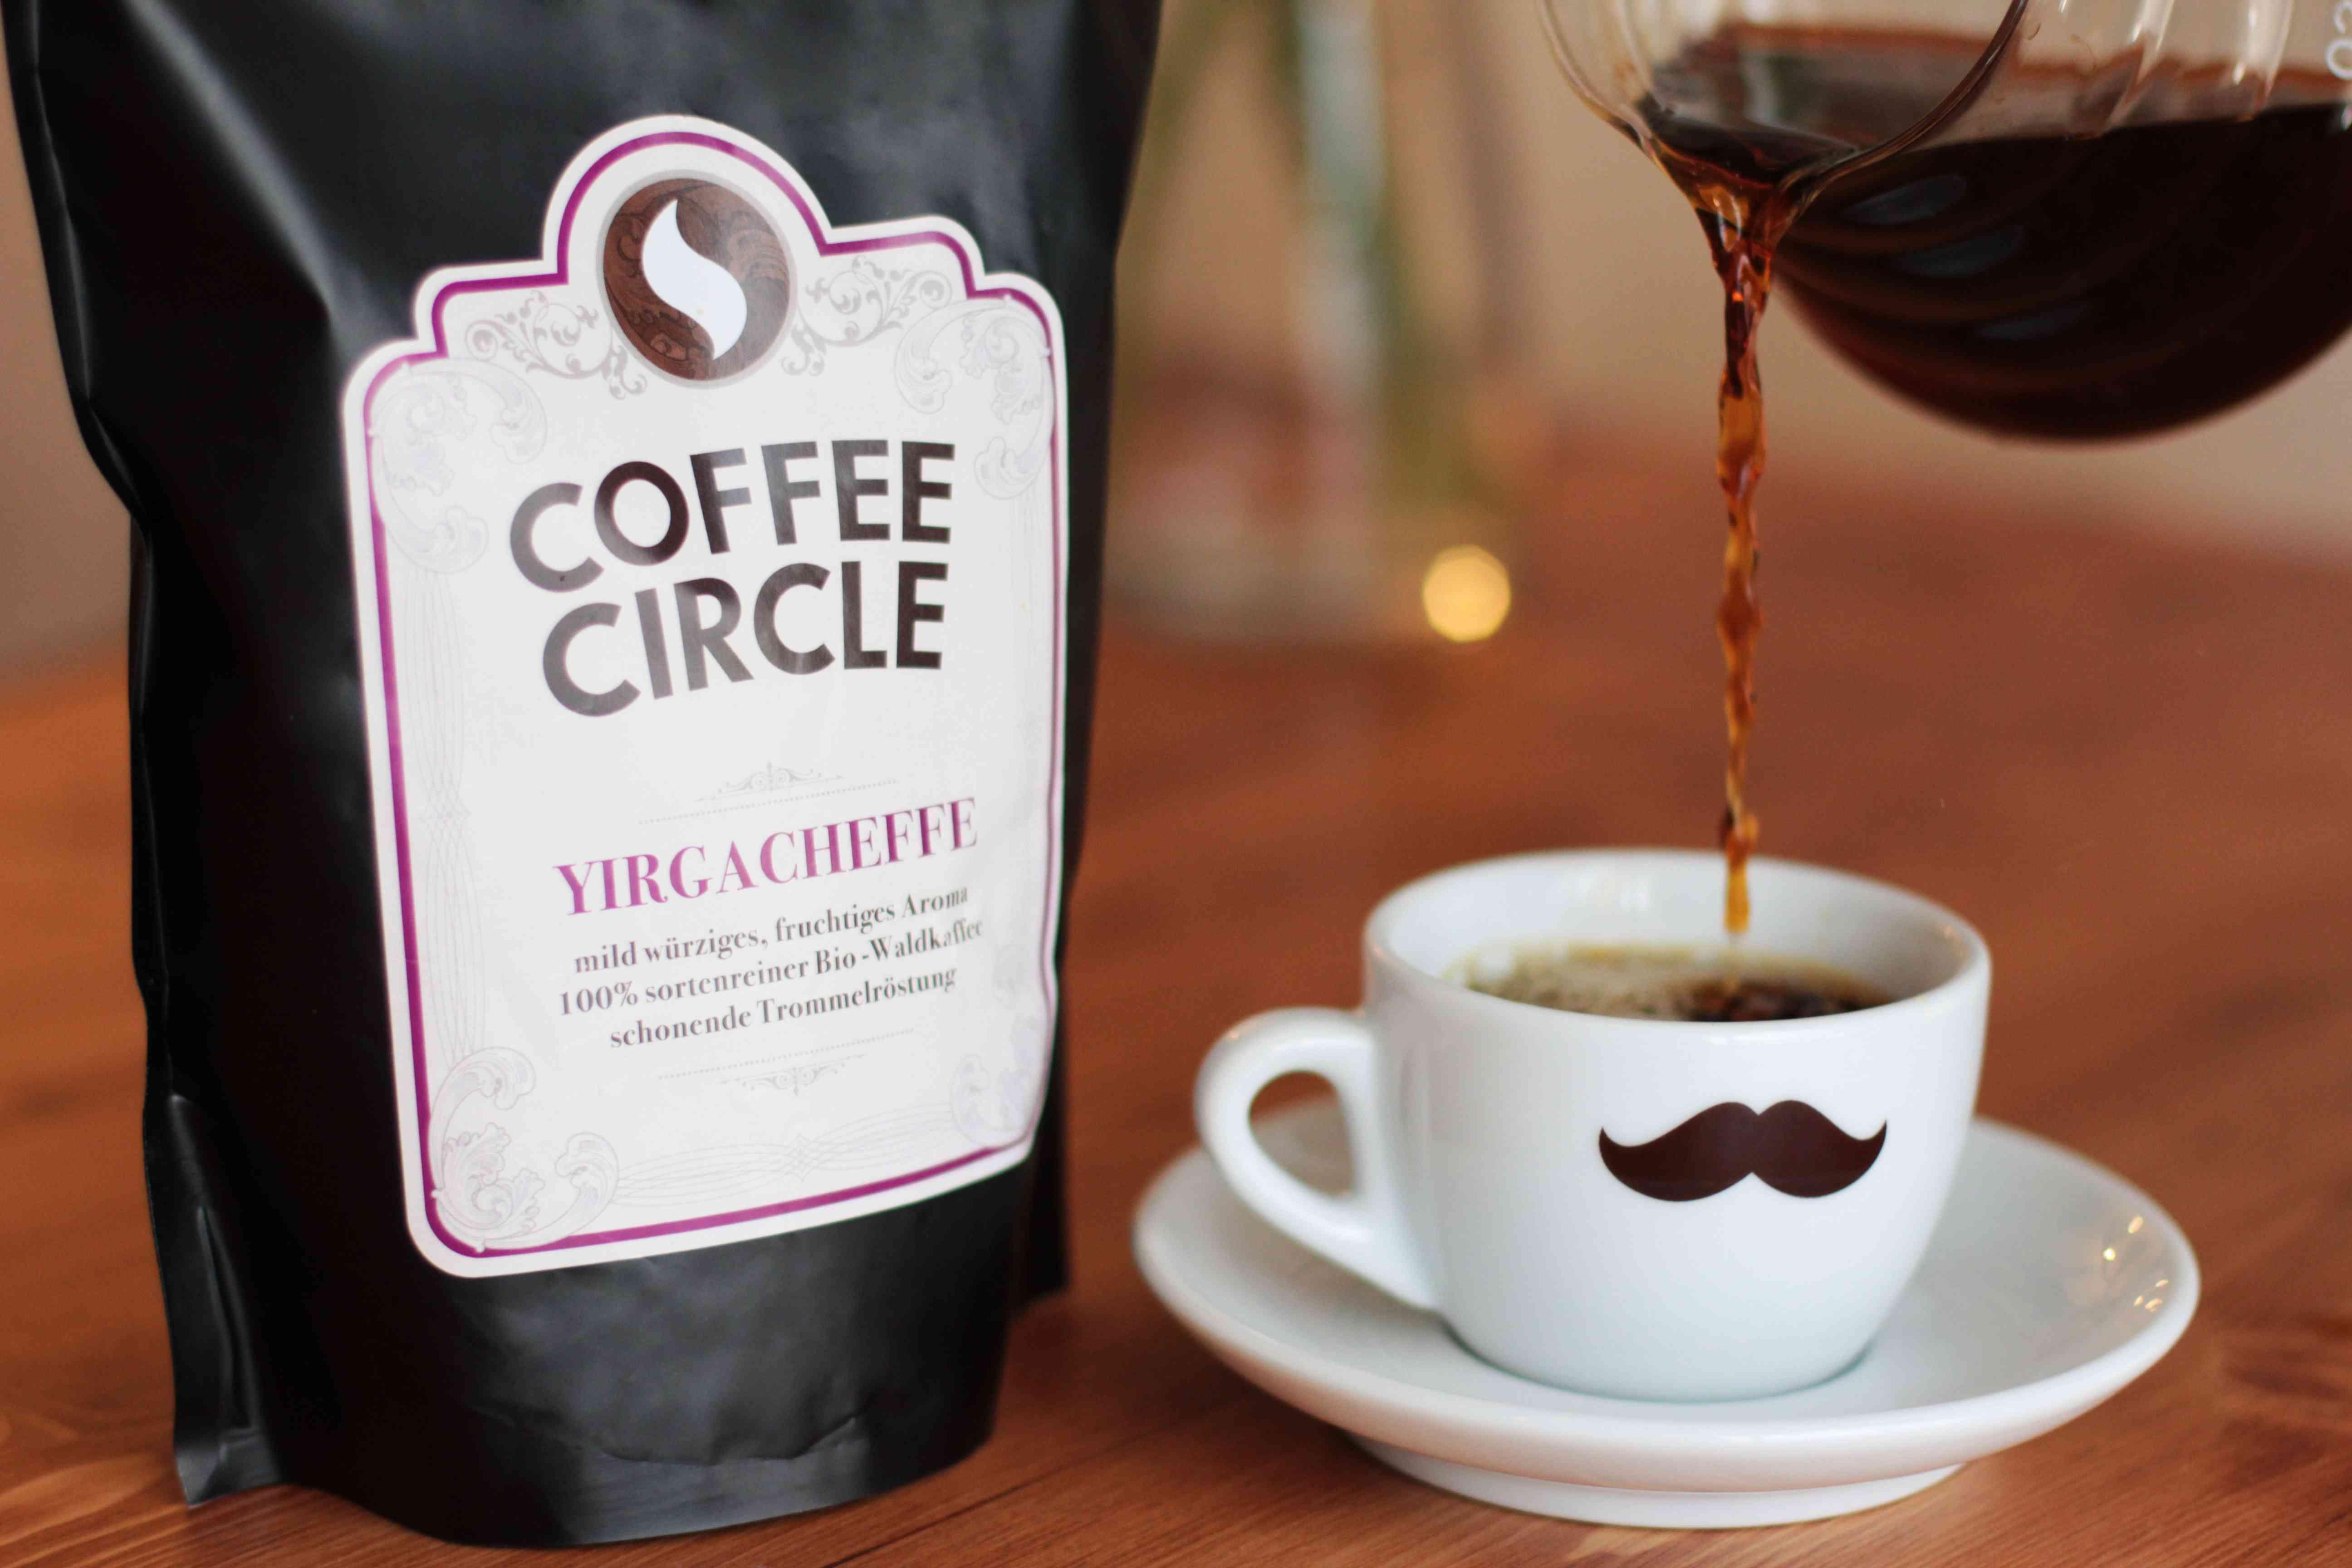 Kaffeetasse mit frischem Kaffee der Marke Coffee Cirle - nachhaltig genießen